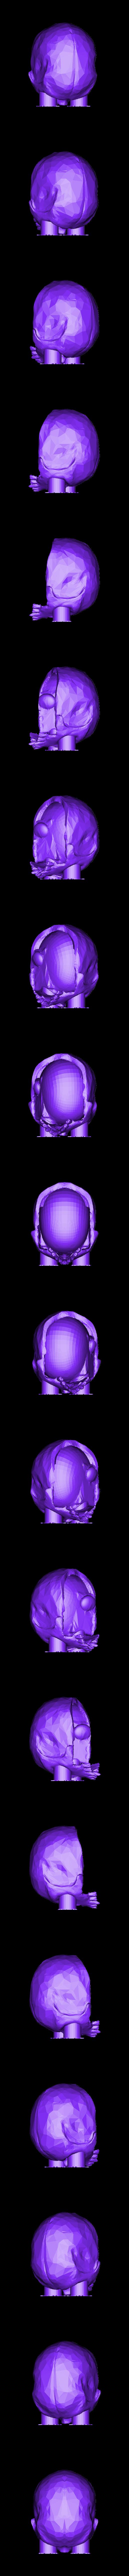 skull_main_V2_iris_goggles.stl Download free STL file Steampunk Skull helmet V2 • 3D printer design, cube606592